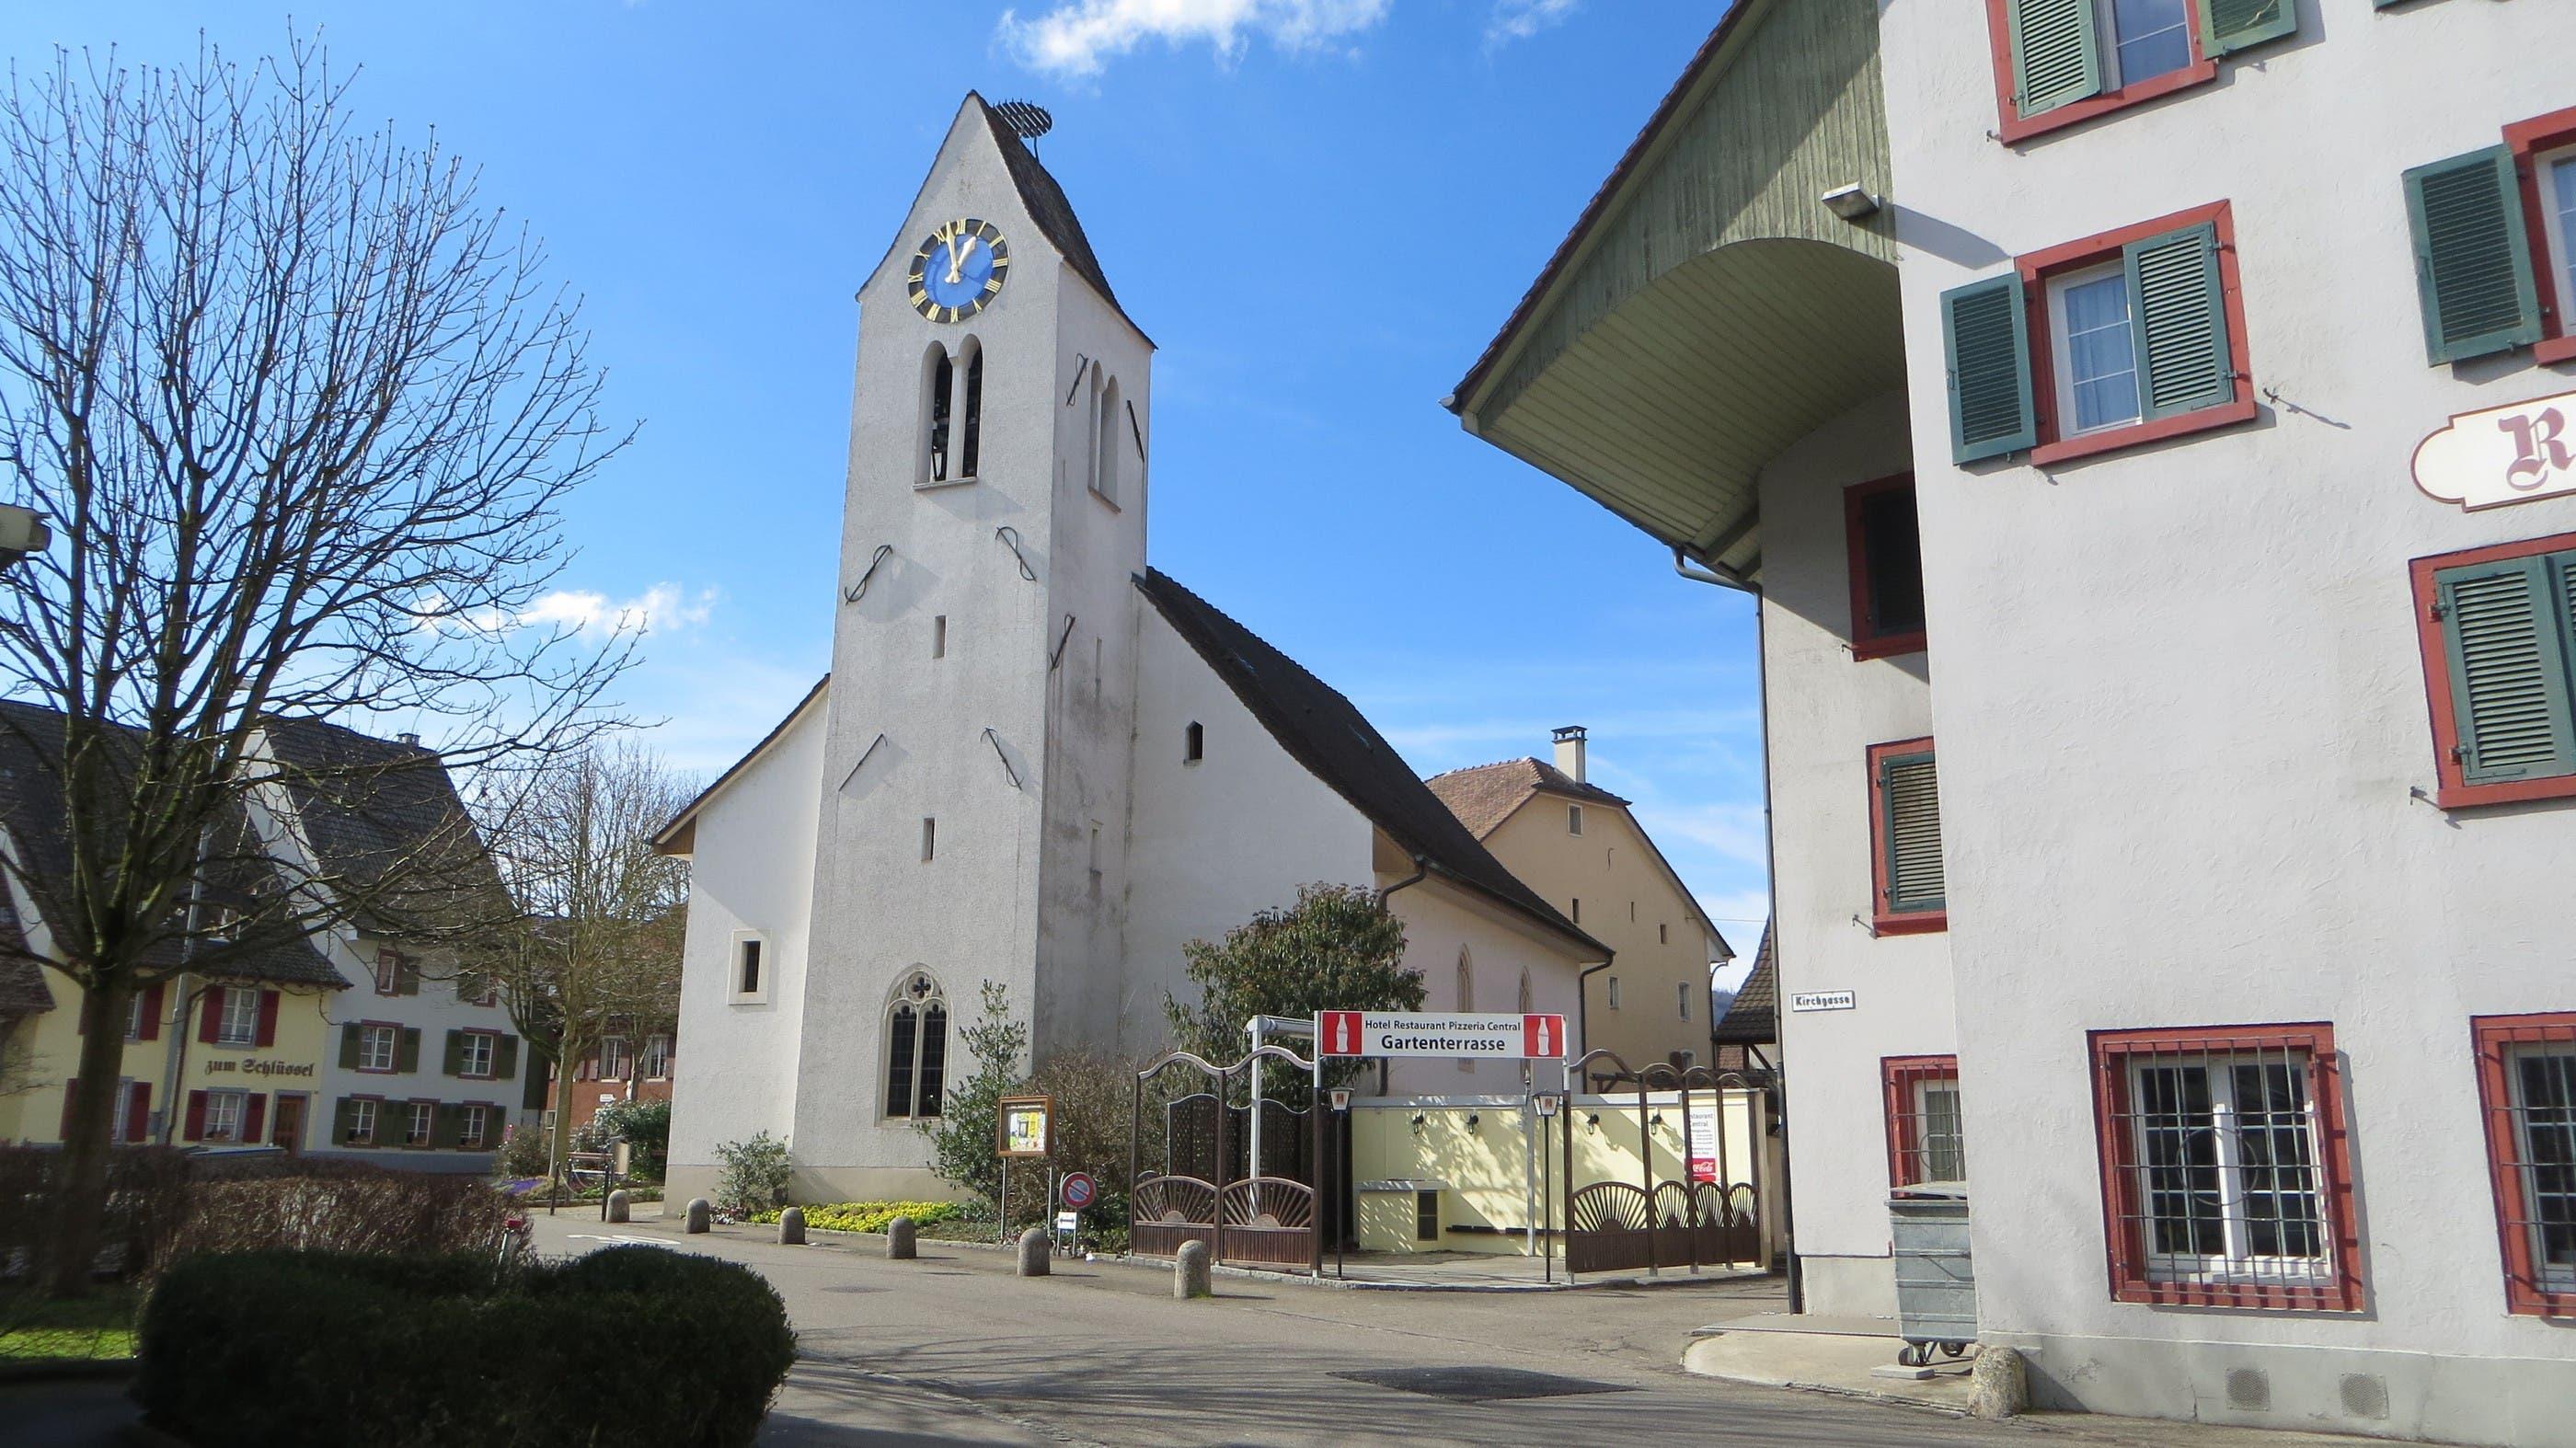 IMG_0478.JPG Ja, so ist der TURM von der reformierten Kirche in Frenkendorf. Und hie und da hat es auch Störche auf dem Dach.